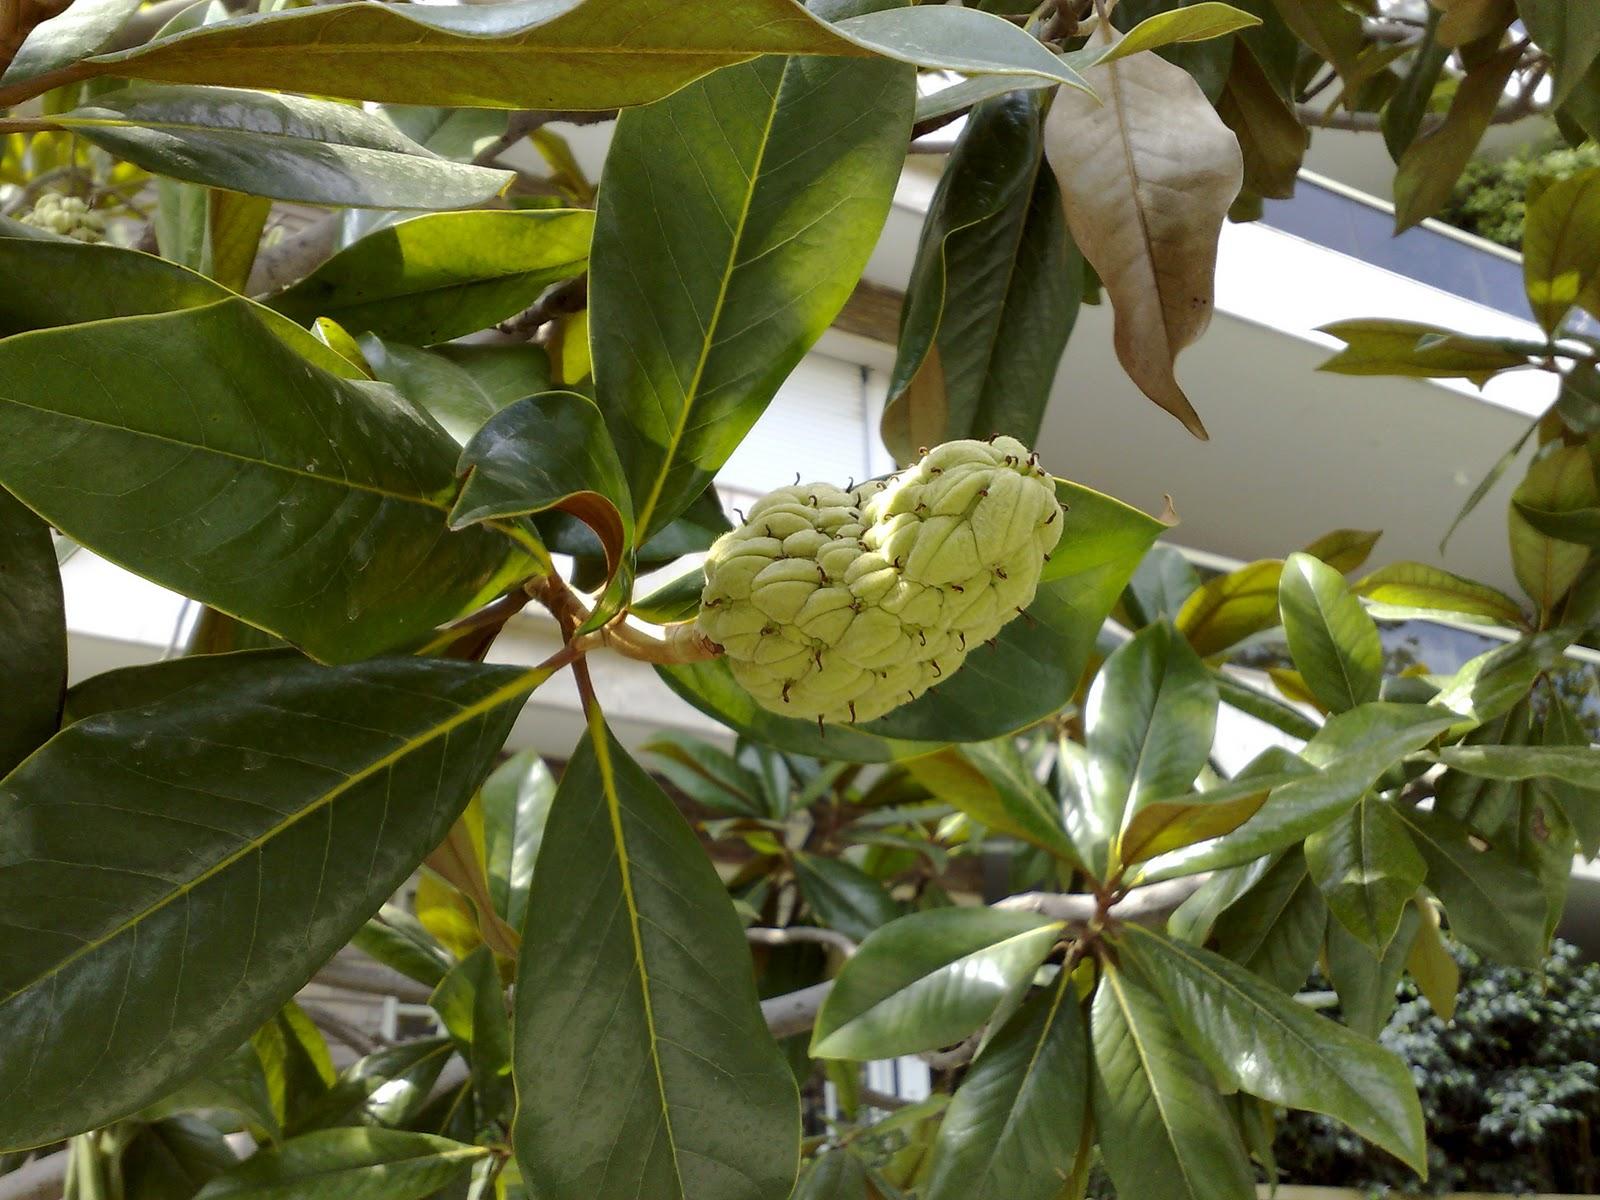 Rboles con alma magnolia magnolia grandiflora - Semilla de magnolia ...